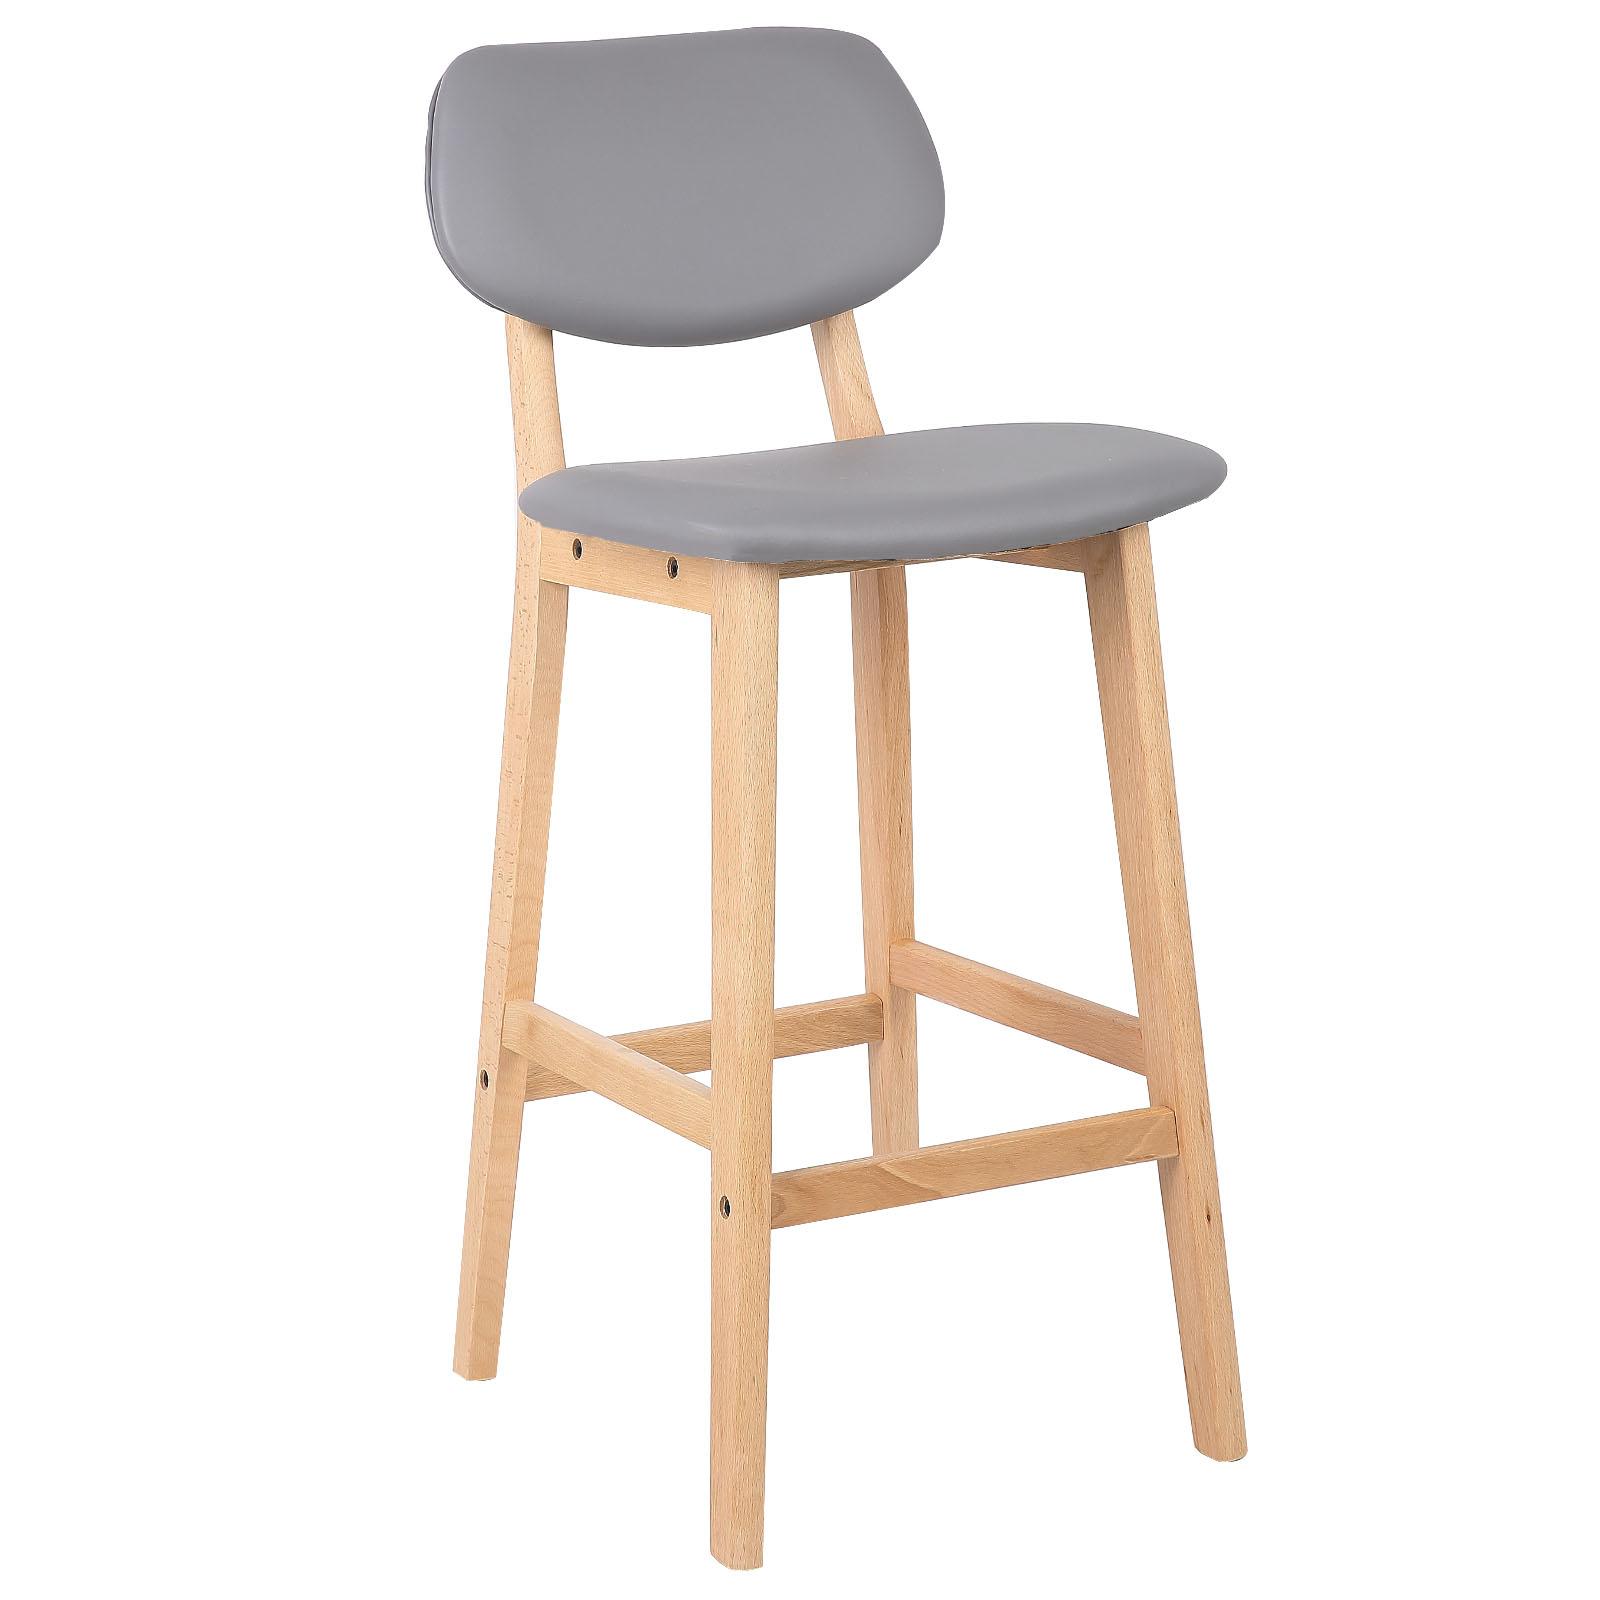 2 x barhocker tresenhocker mit r ckenlehne holz kunstleder grau bh51gr 2 ebay. Black Bedroom Furniture Sets. Home Design Ideas